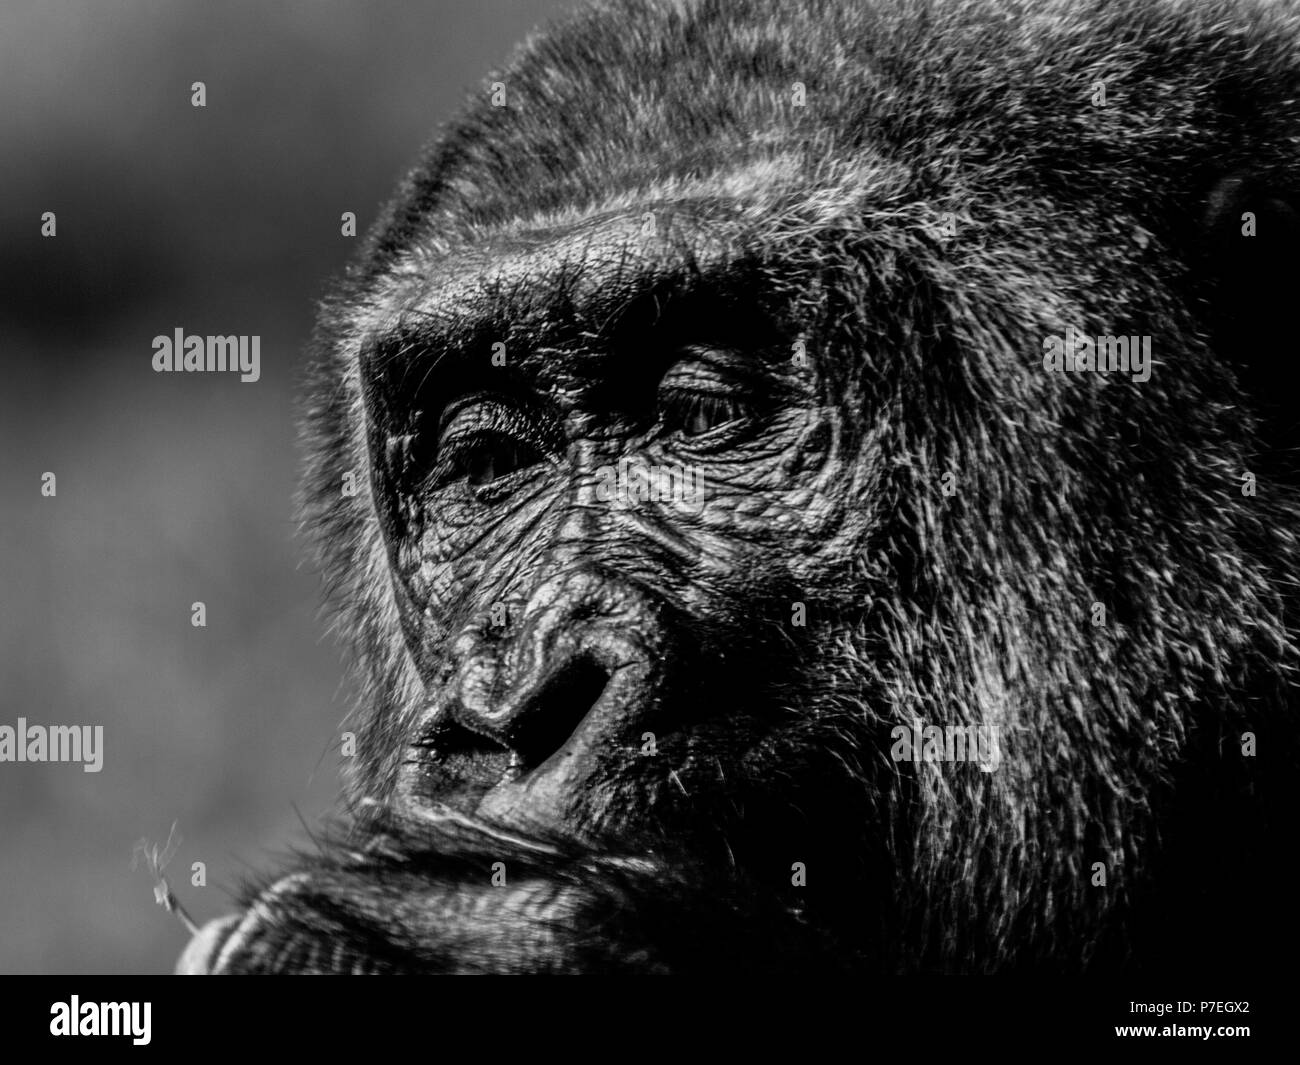 Les plans rapprochés du visage visage Animal fermer partielle Photo Stock